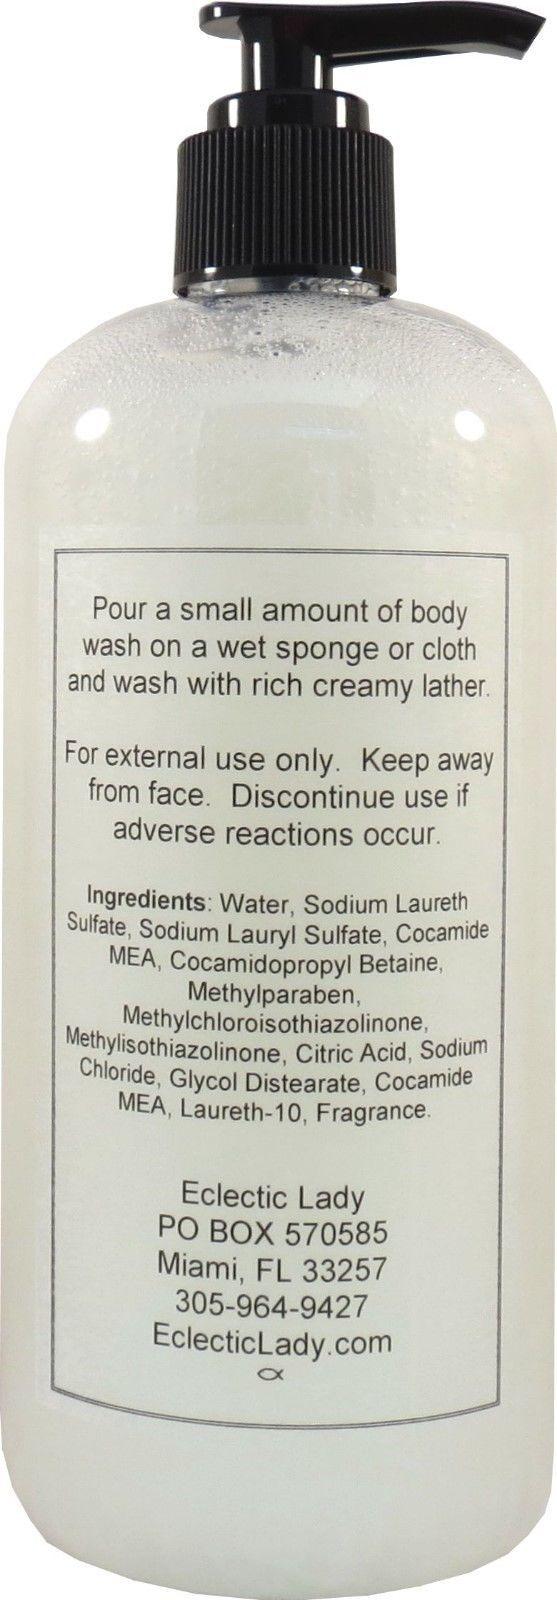 Cherry Almond Body Wash, 16 oz, SALE